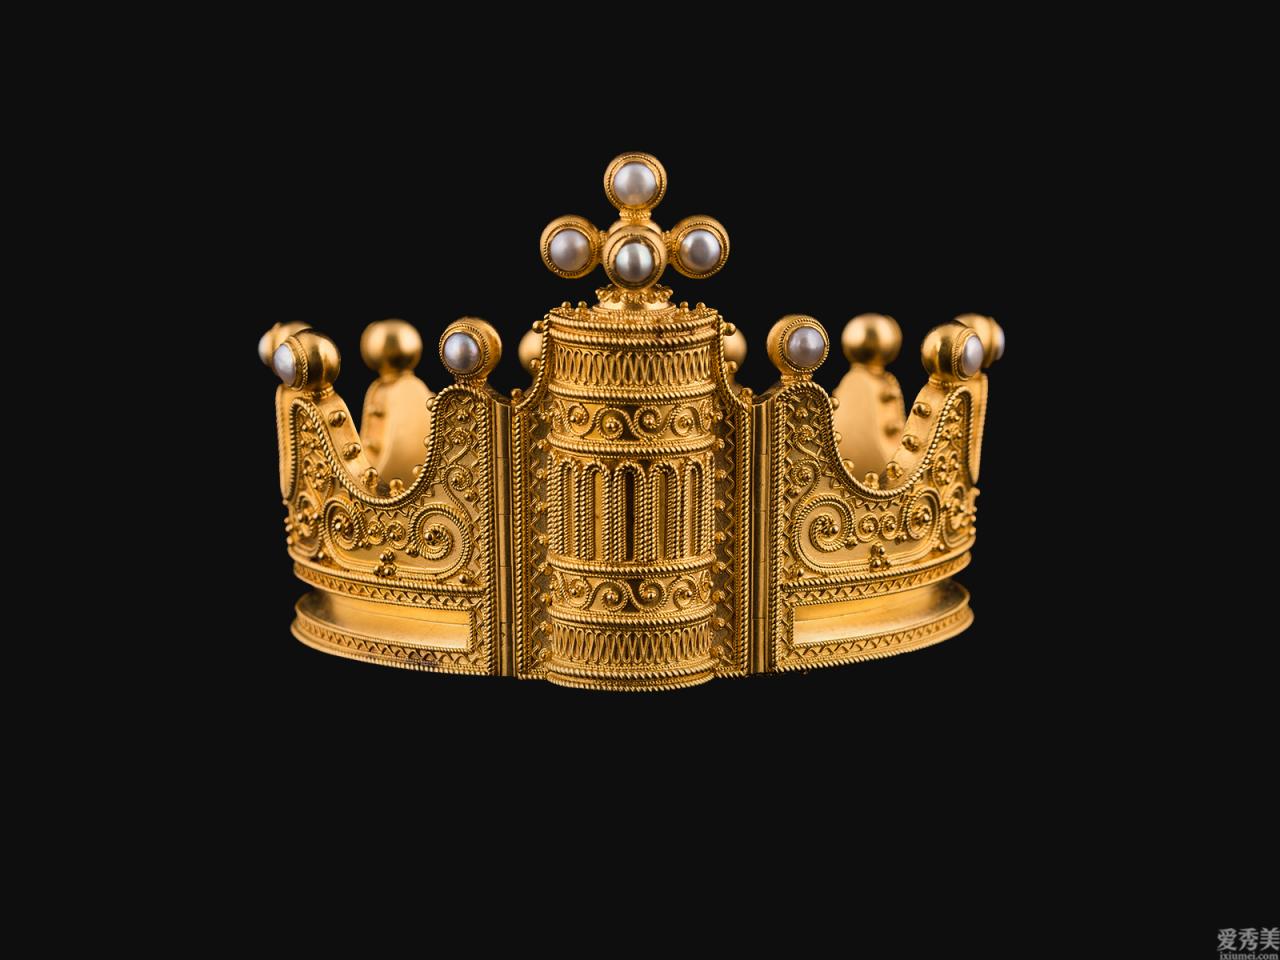 歐洲宮廷珠寶系列產品之「五」覺醒